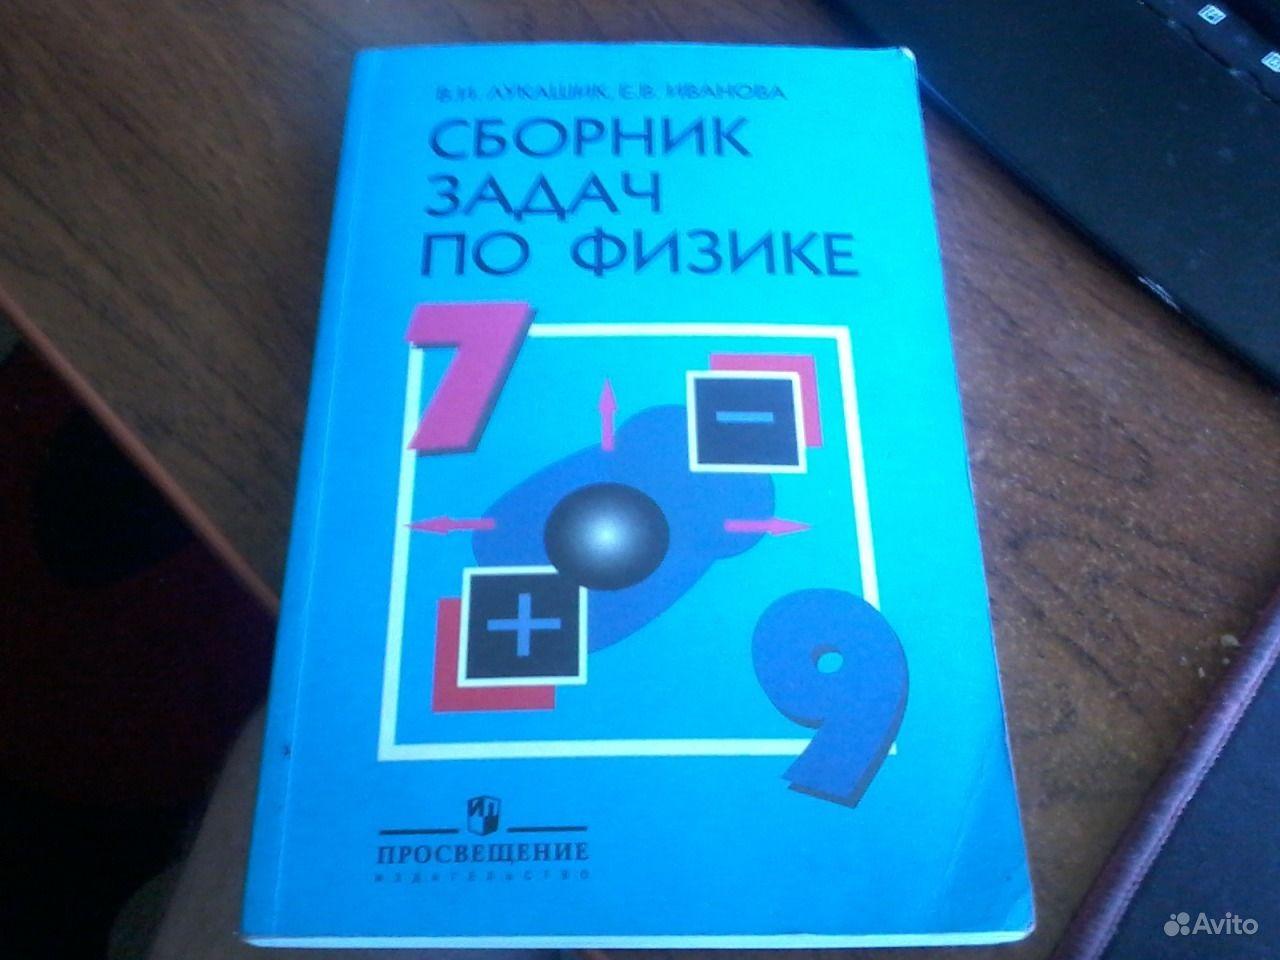 7 физике решебник класс сборника по